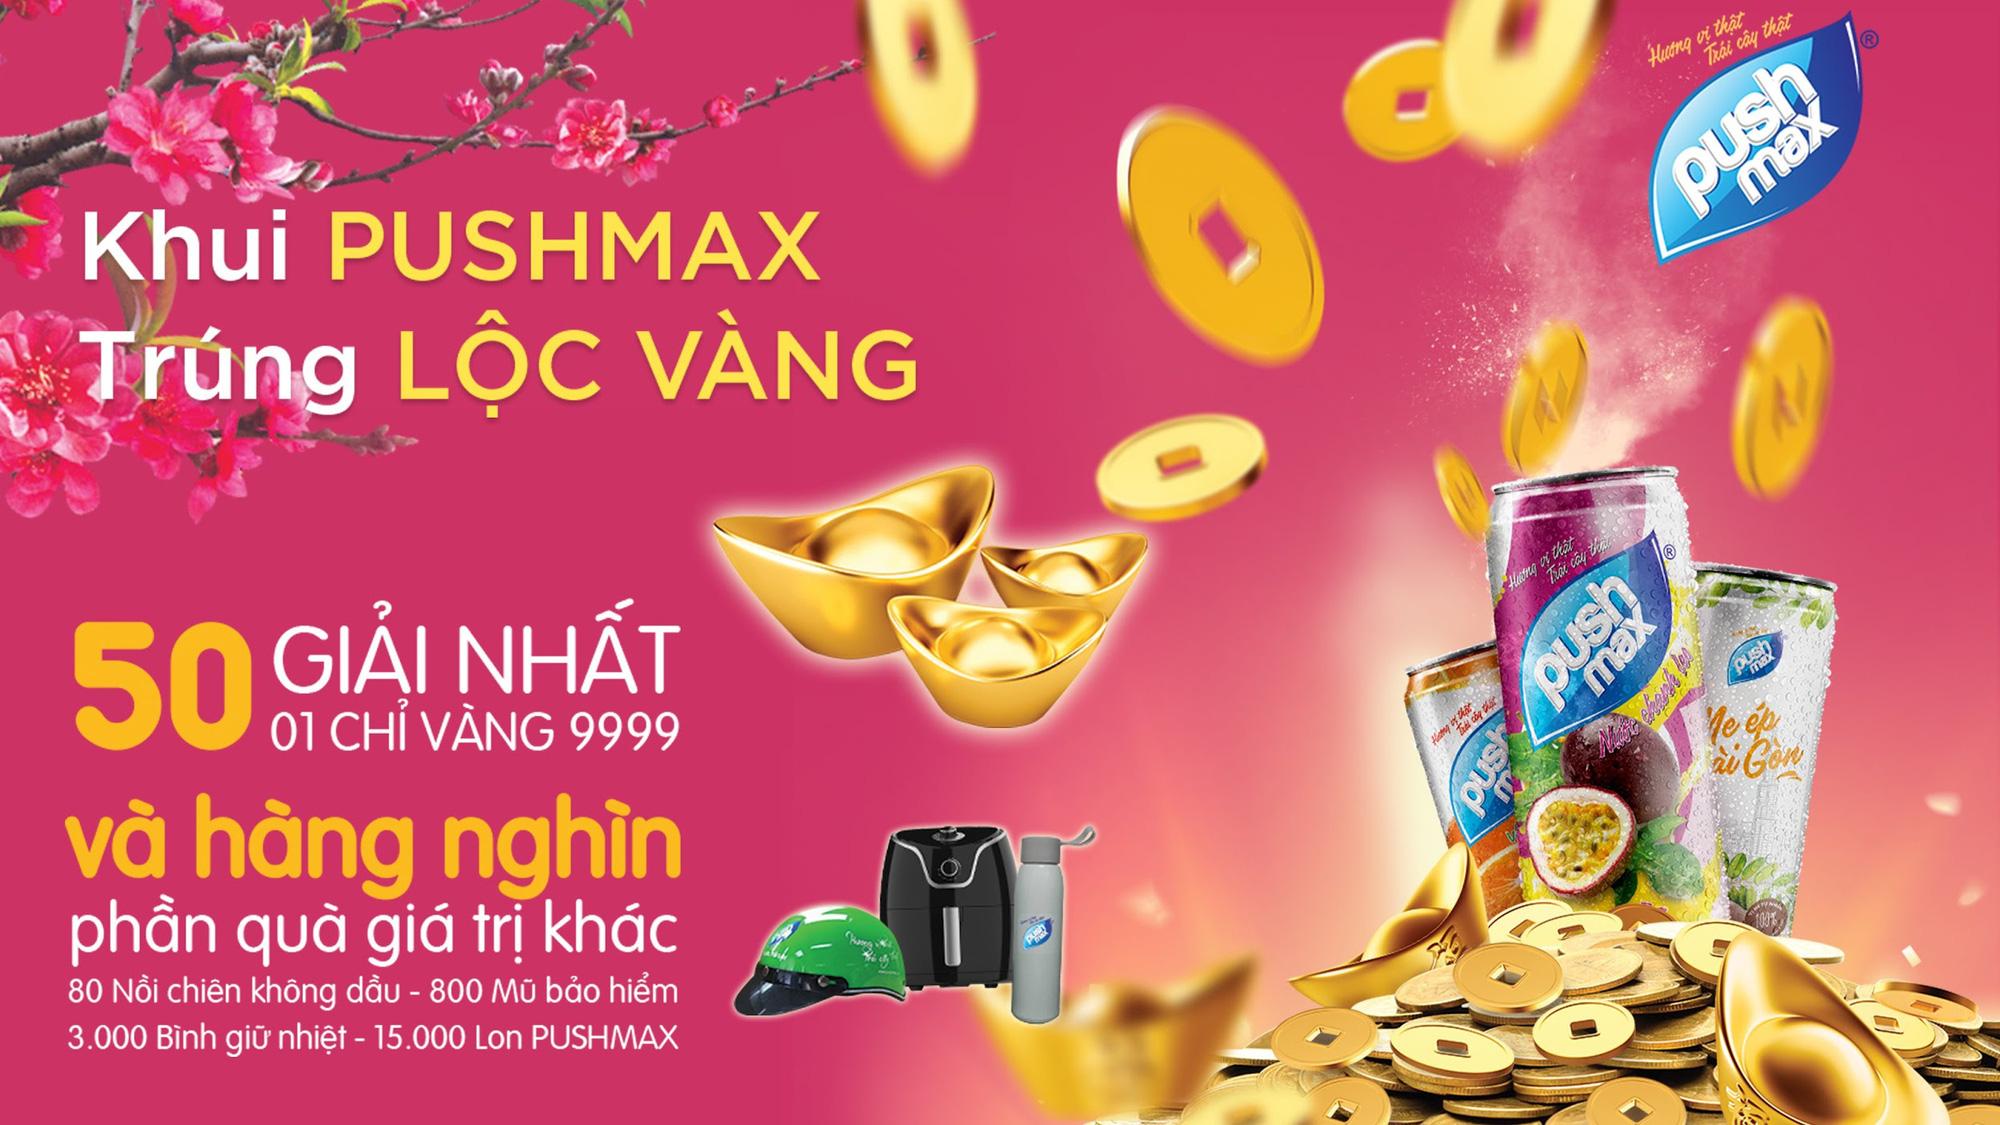 Lộ diện những khách hàng đầu tiên trúng giải trong chương trình Khui Pushmax - Trúng Lộc Vàng - Ảnh 3.